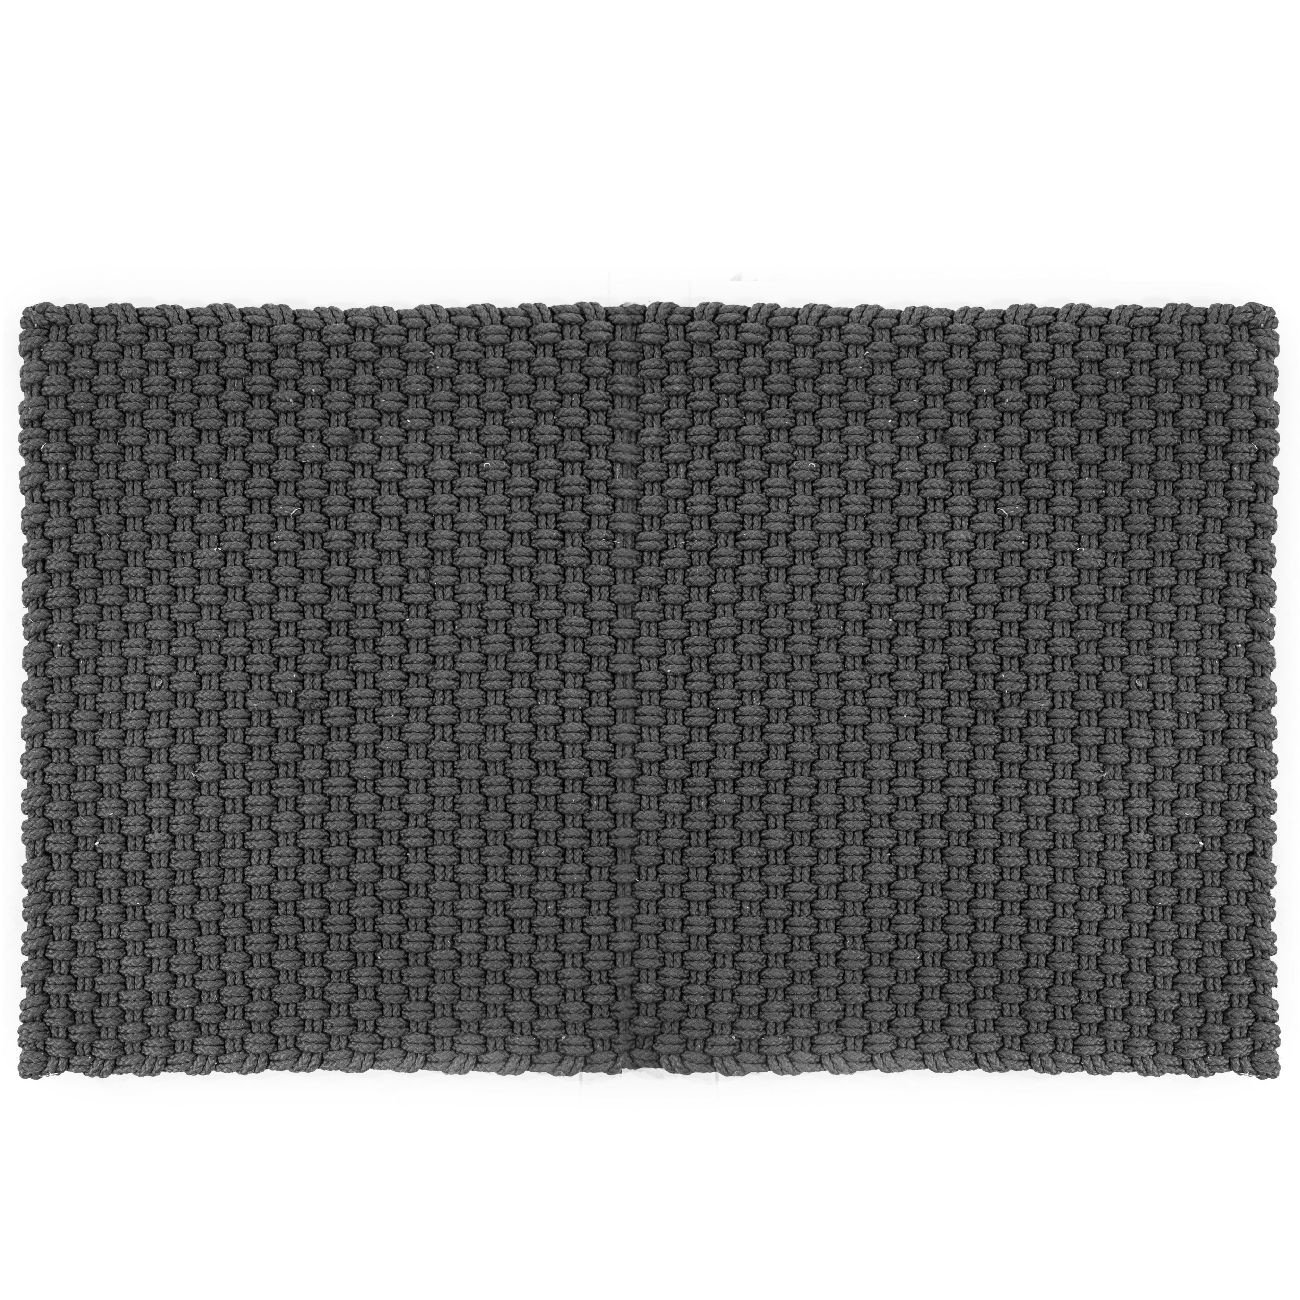 Uni In- und Outdoor Fußmatte grau 172 x 92 cm Outdoor Teppich stone dunkelgrau